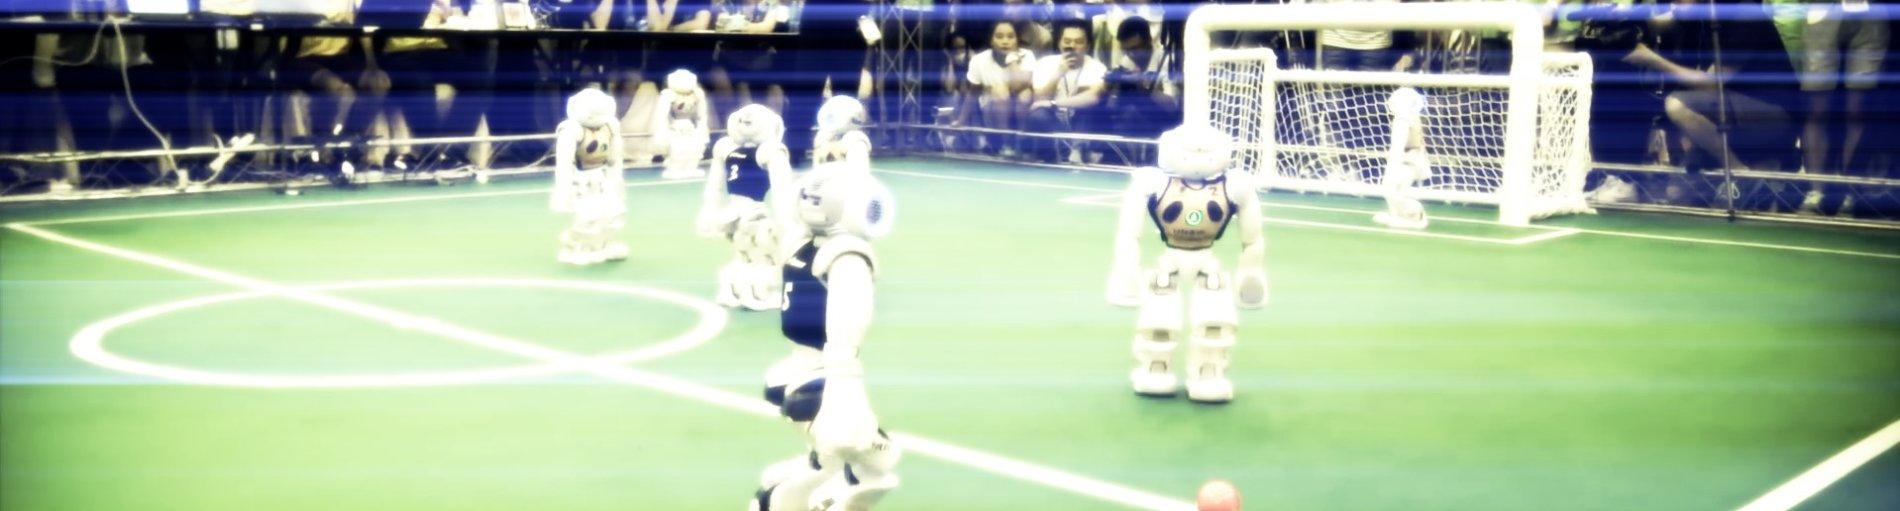 Roboter, die Fußball spielen.